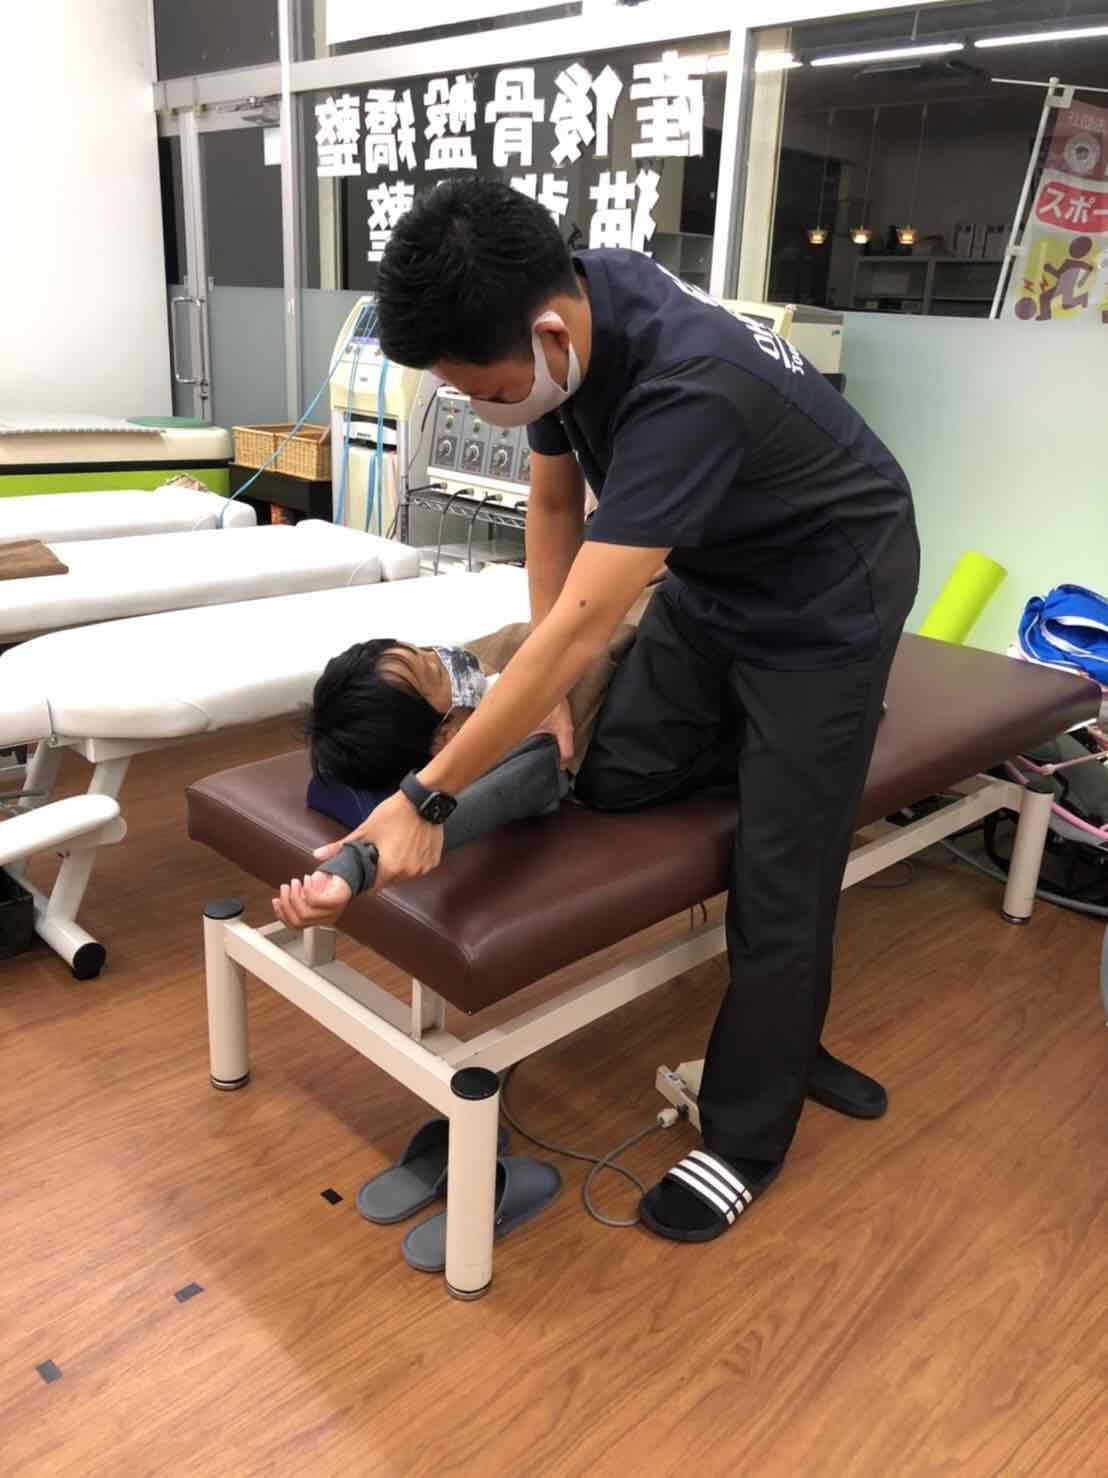 鈴鹿市 グランデ接骨院の姿勢矯正治療